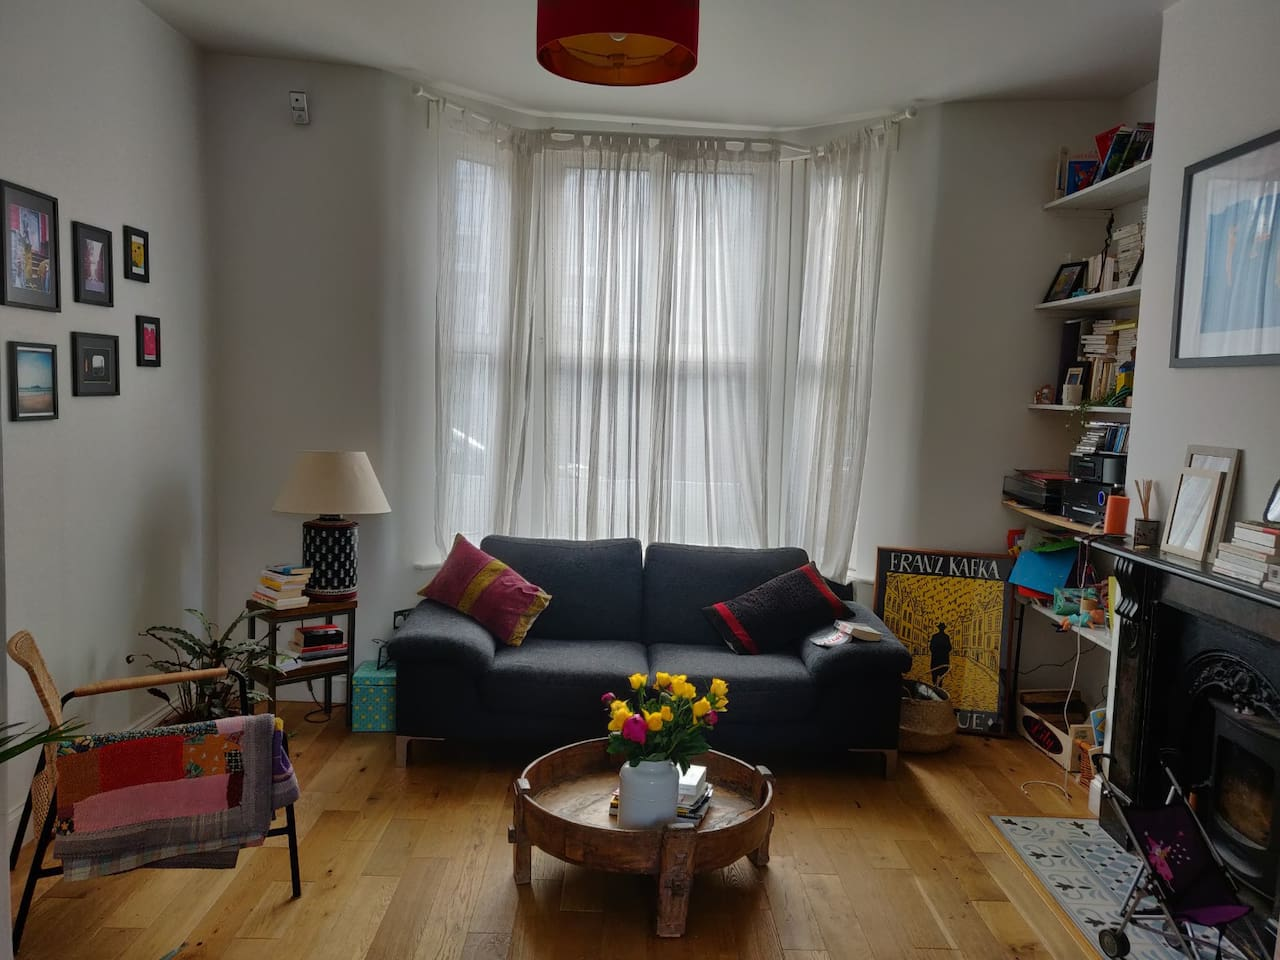 Double living room (part 1) - ground floor